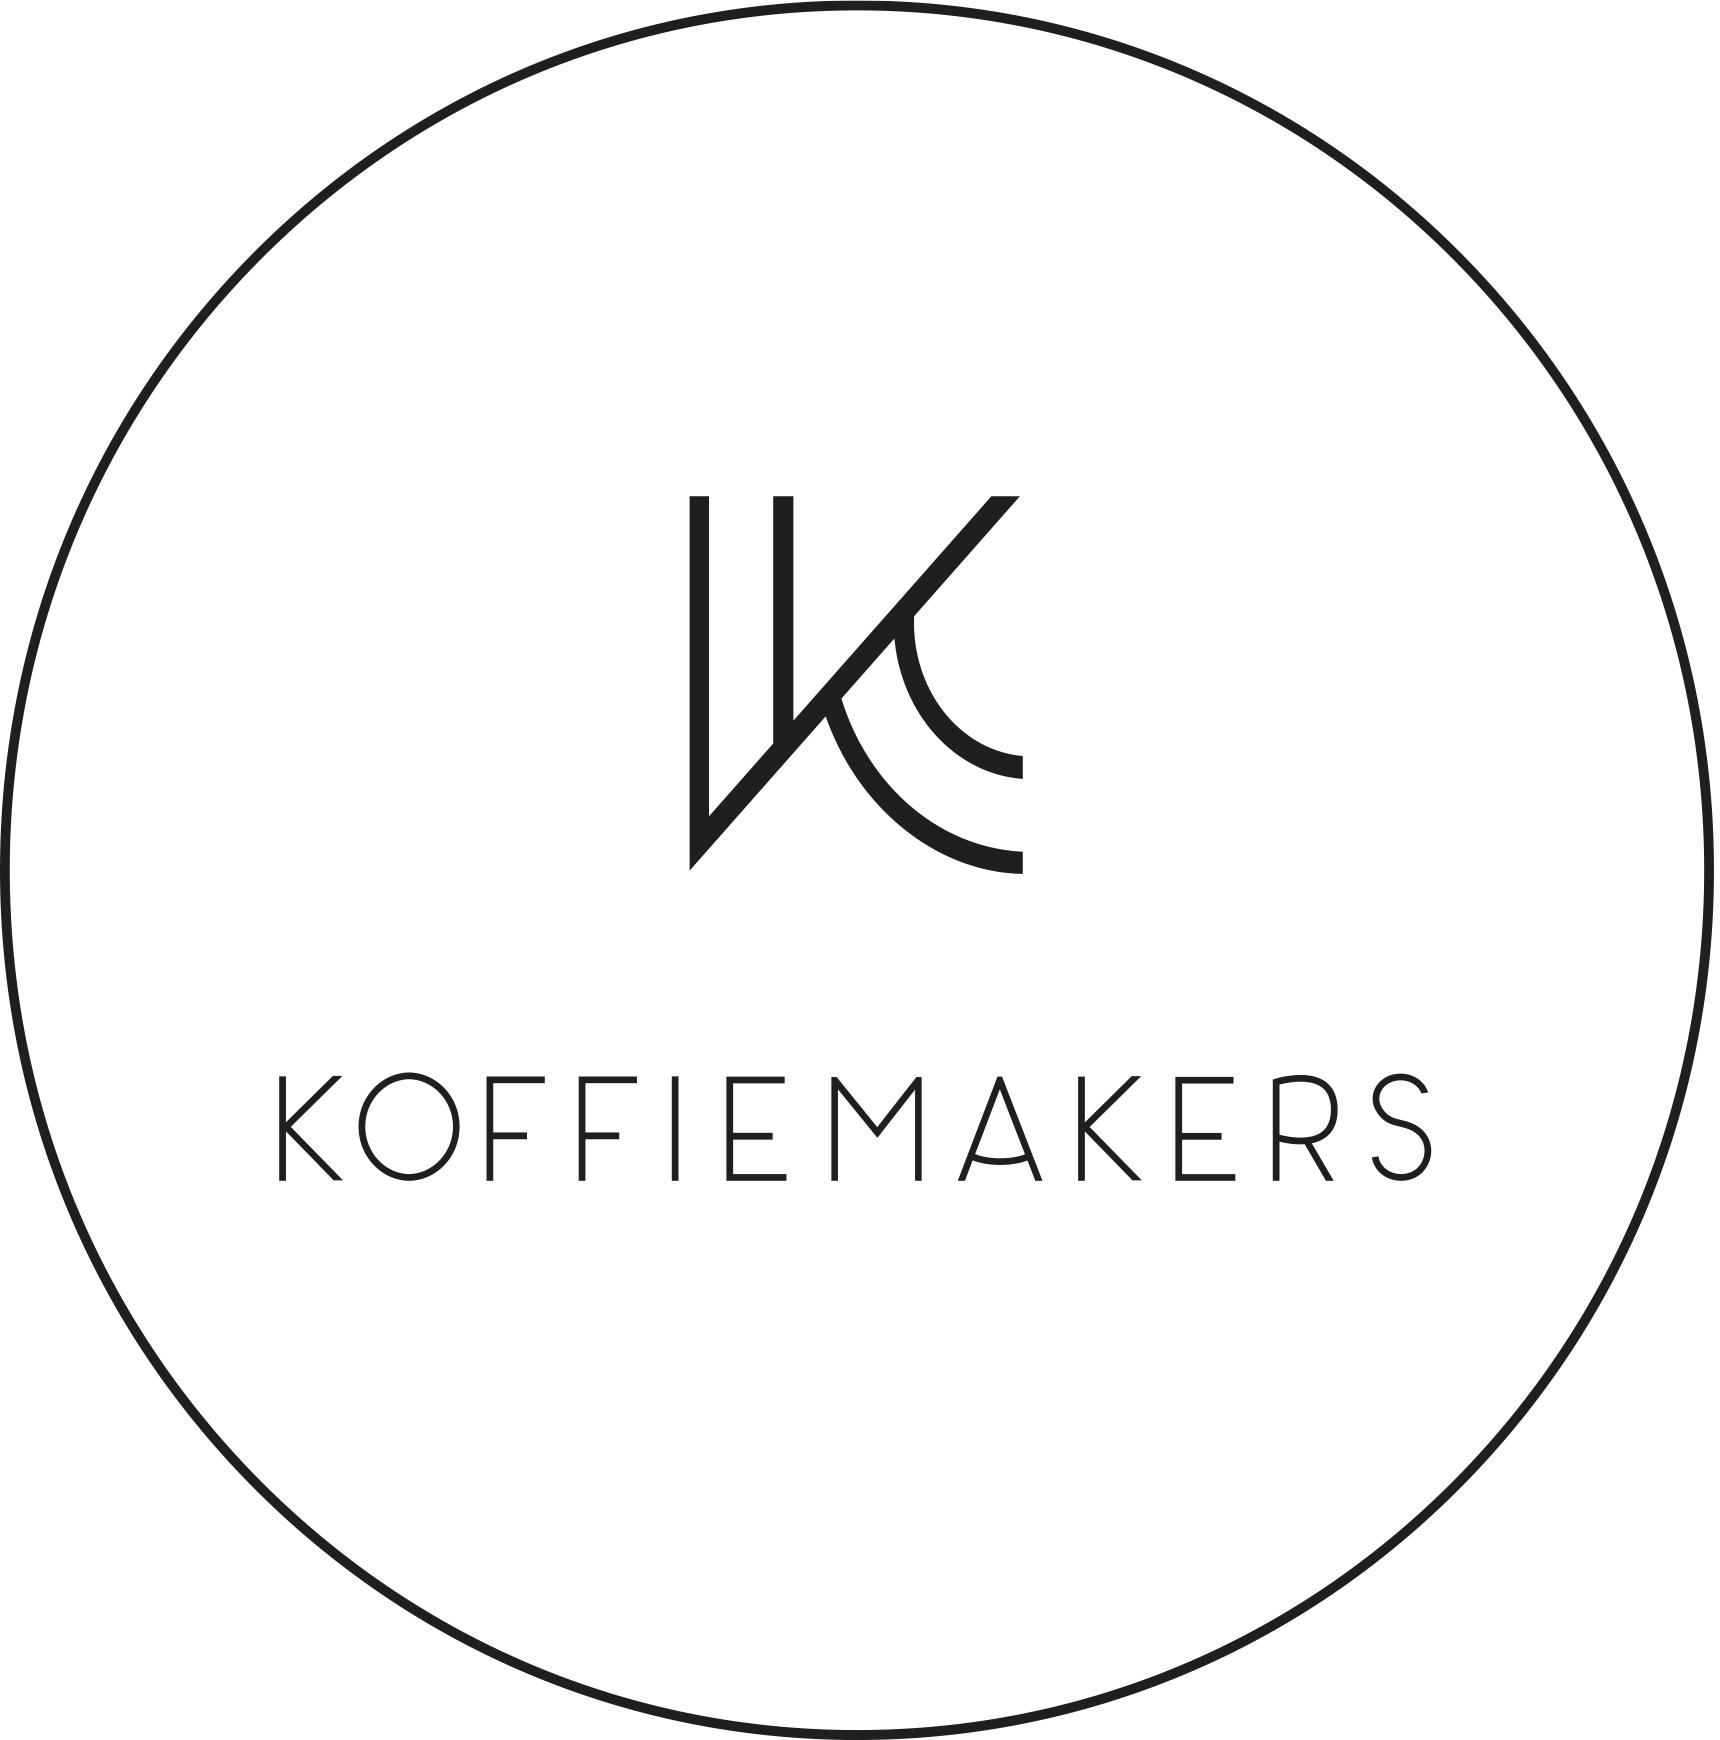 Koffiemakers Logo.png